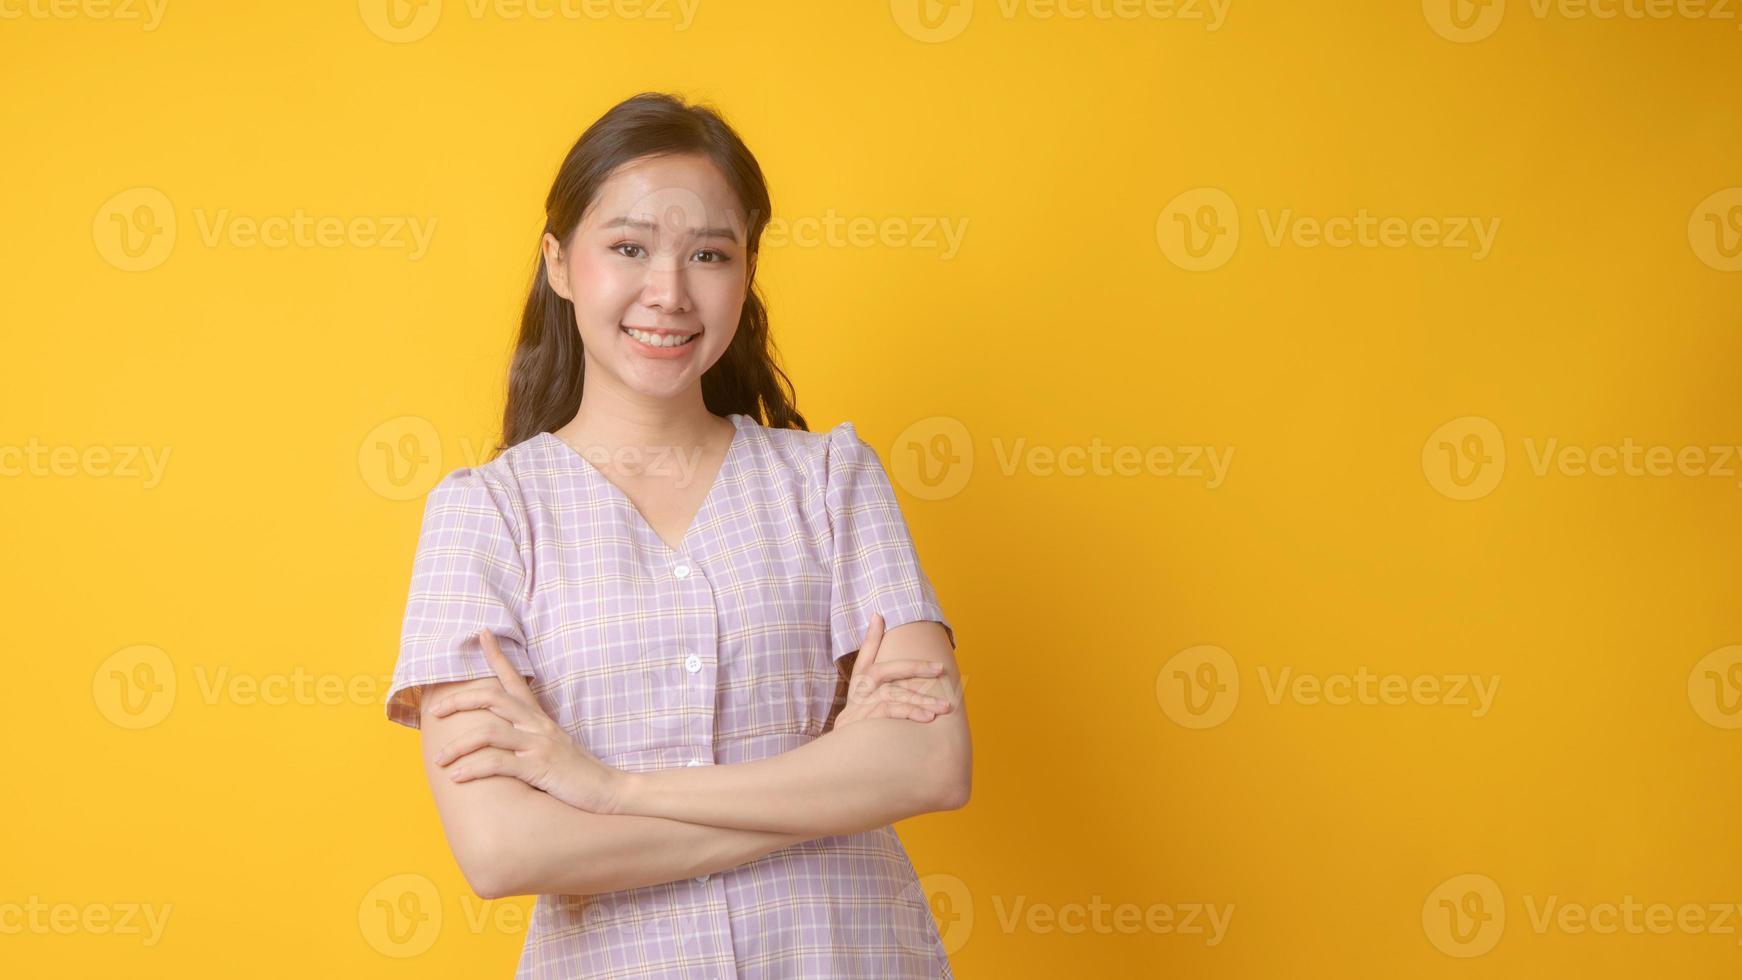 Mujer asiática sonriendo con los brazos cruzados y mirando a la cámara sobre fondo amarillo foto